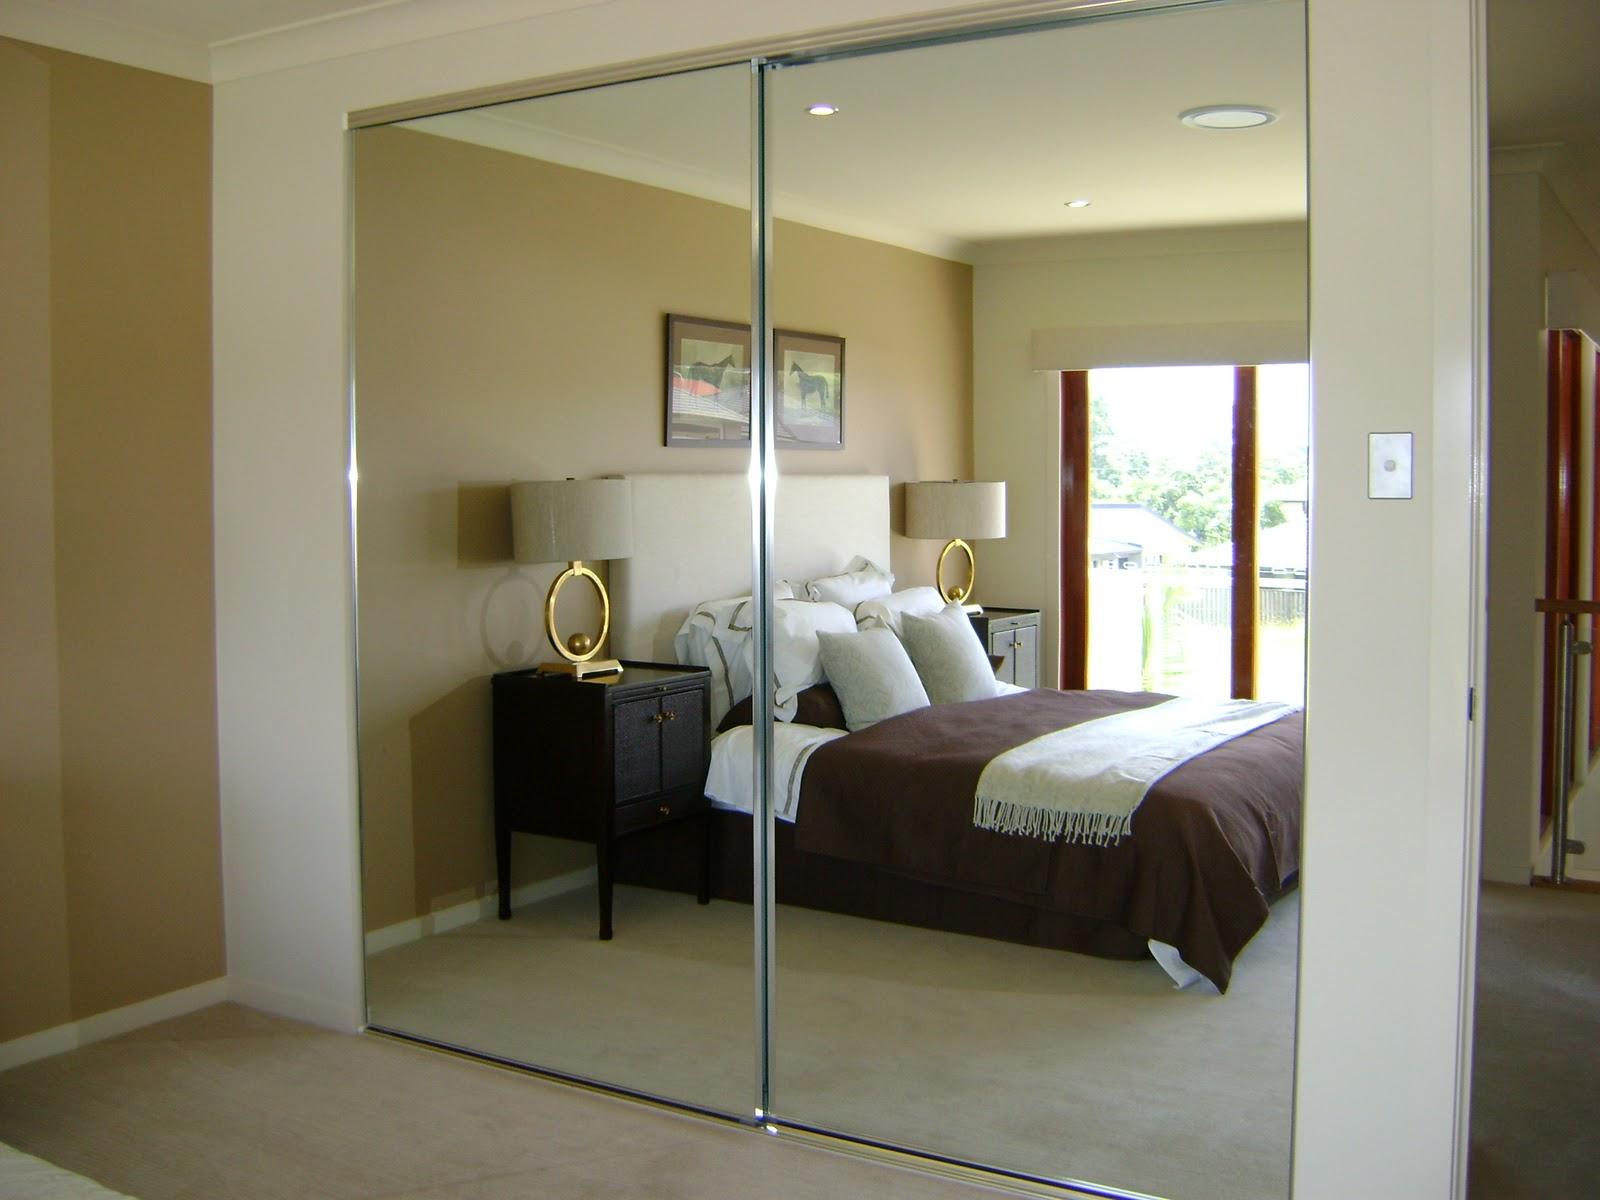 Robe Doors Mirrored